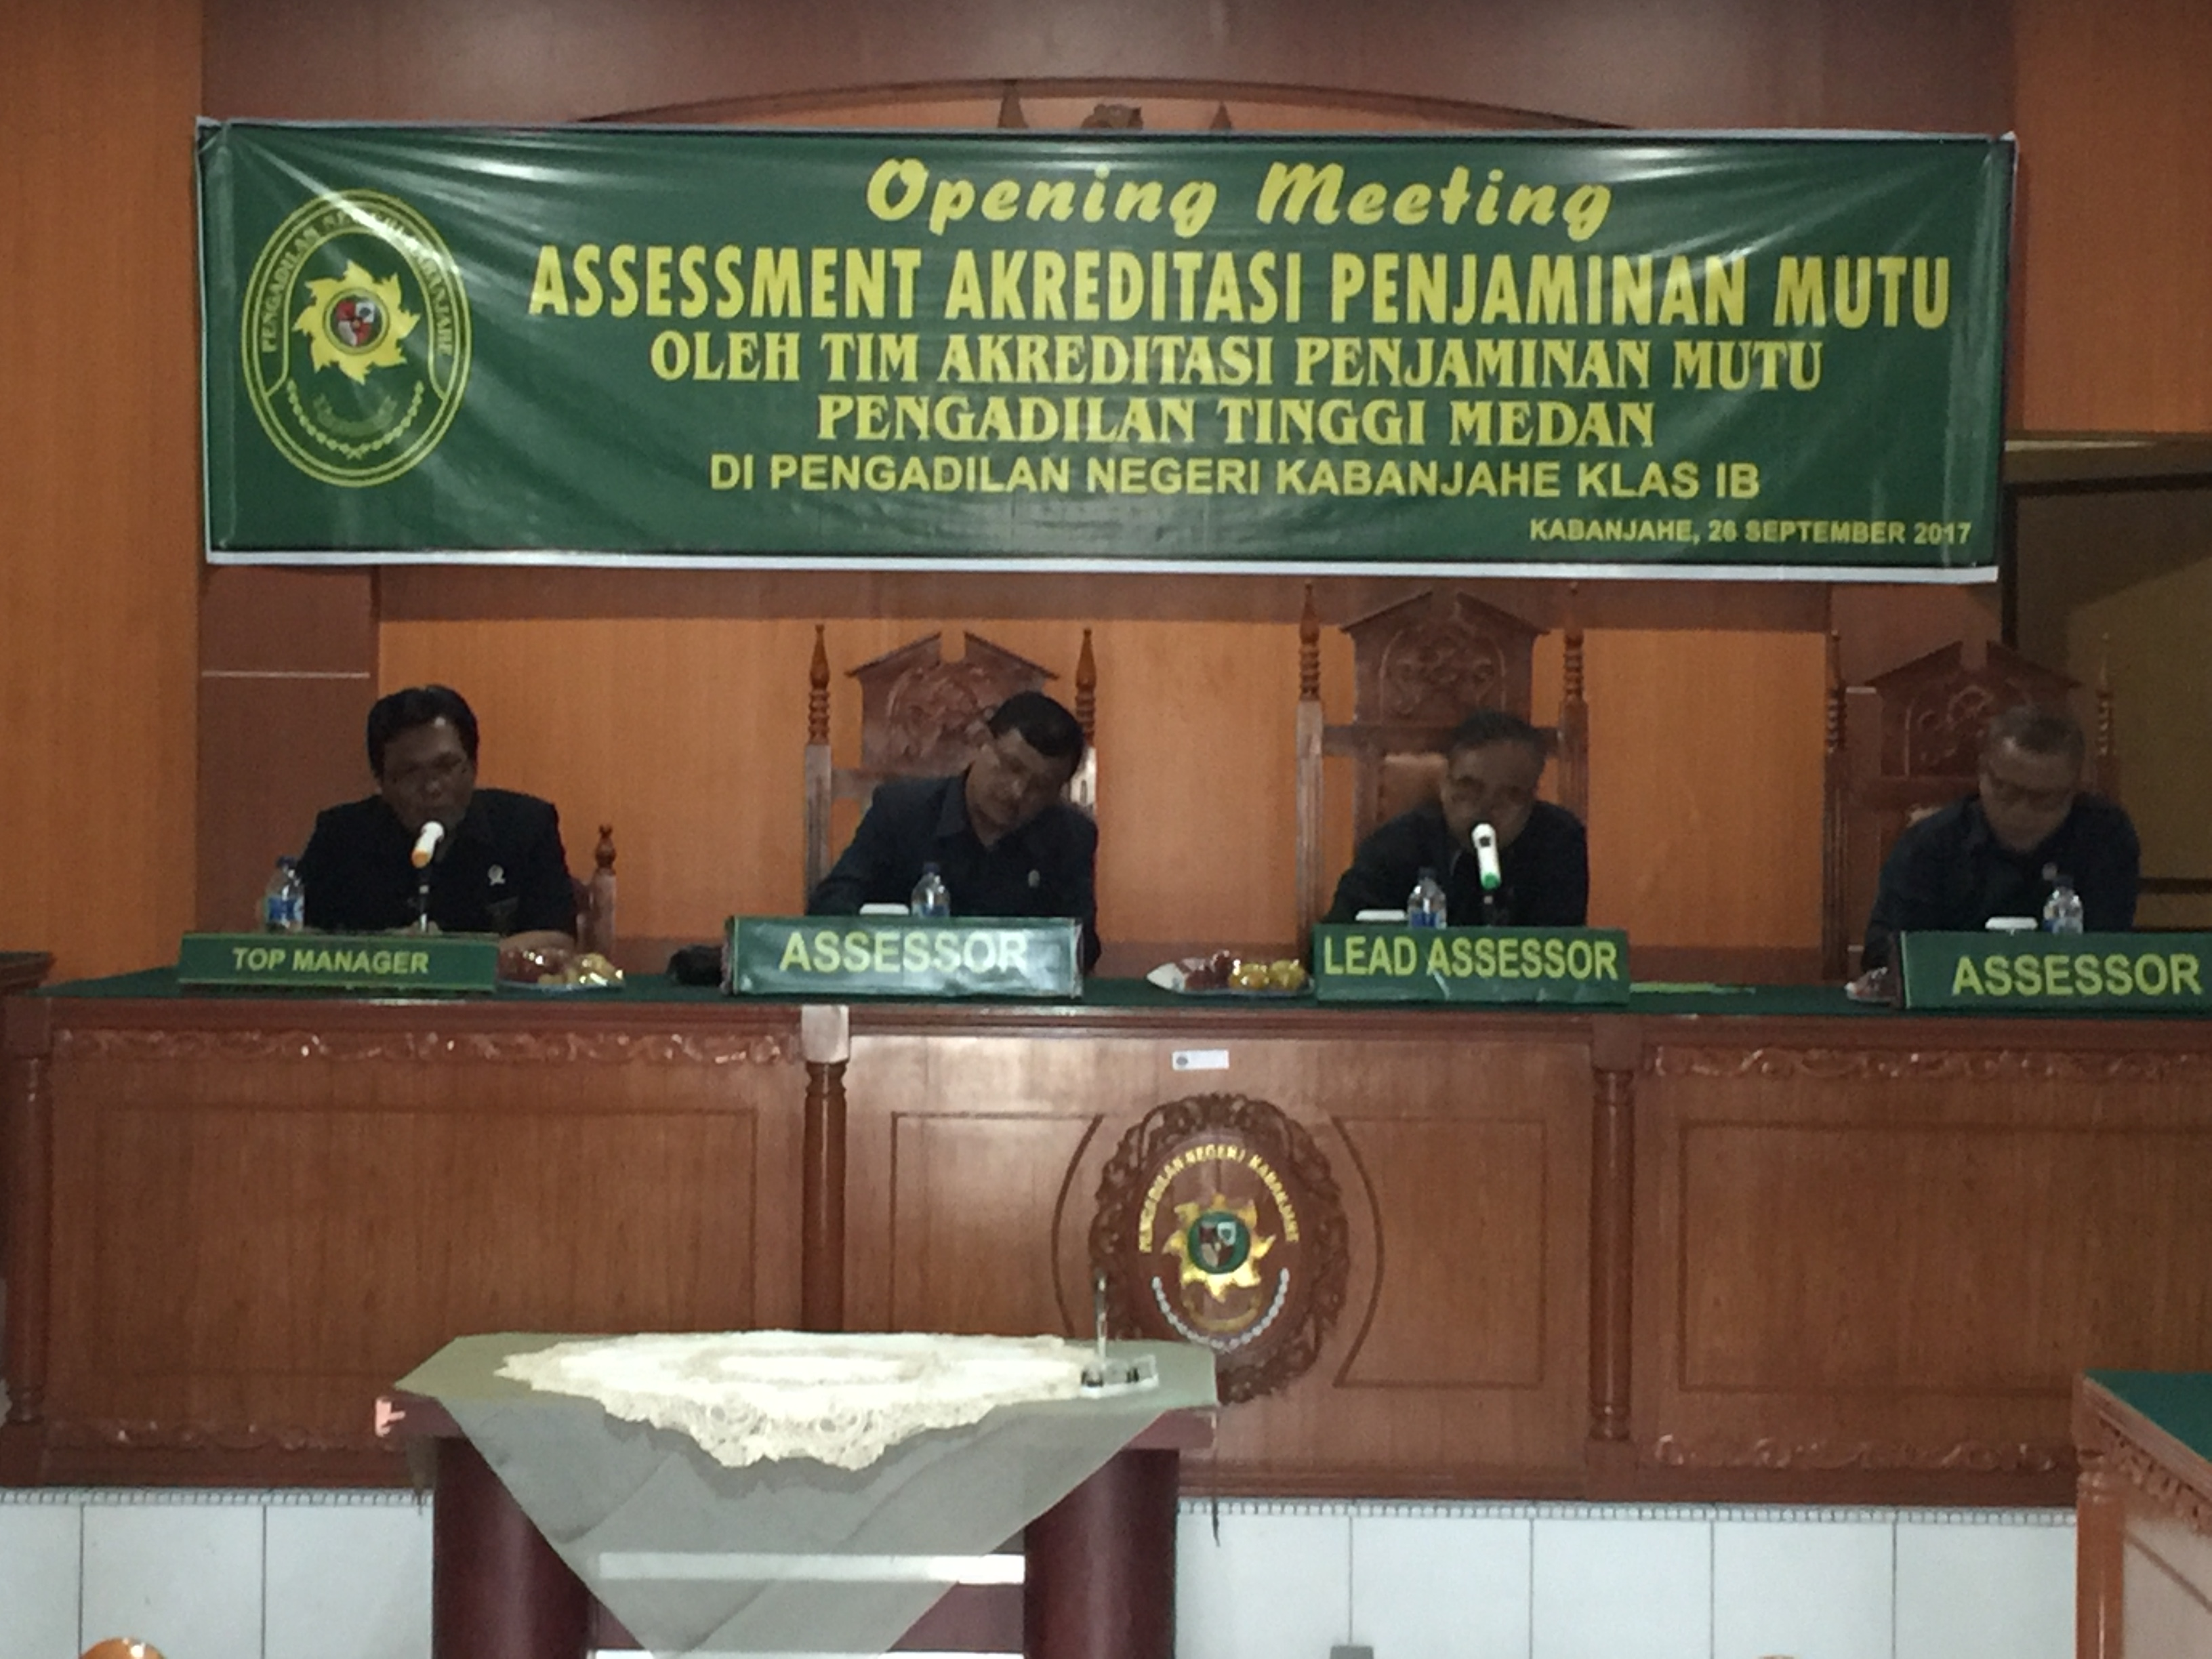 Opening Meeting Penilaian Akreditasi Pengadilan Negeri Kabanjahe